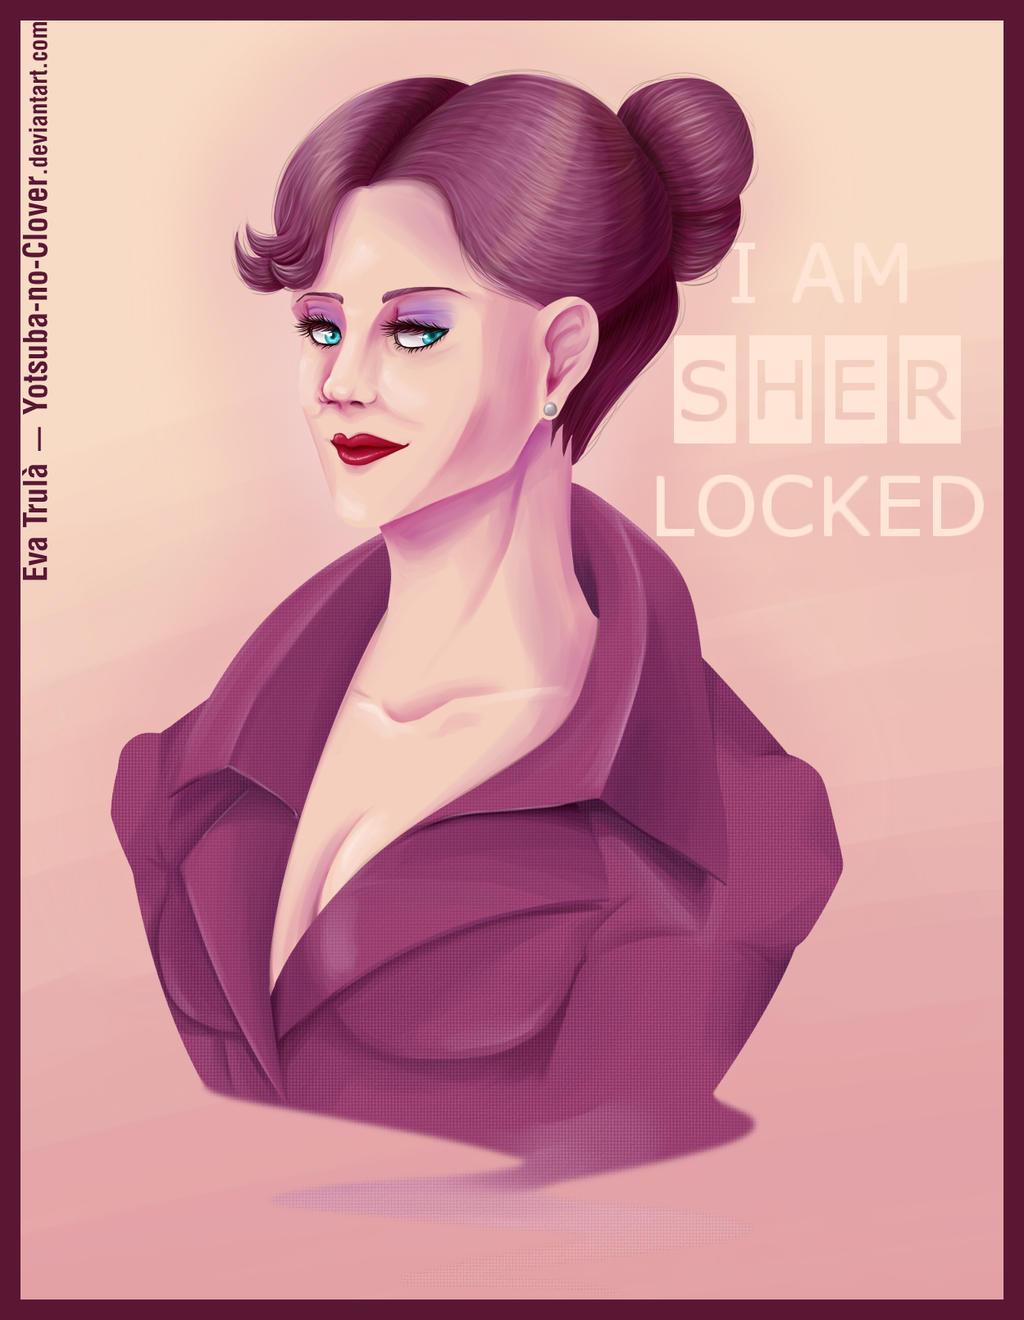 Sherlock - I AM SHERLOCKED by Yotsuba-no-Clover